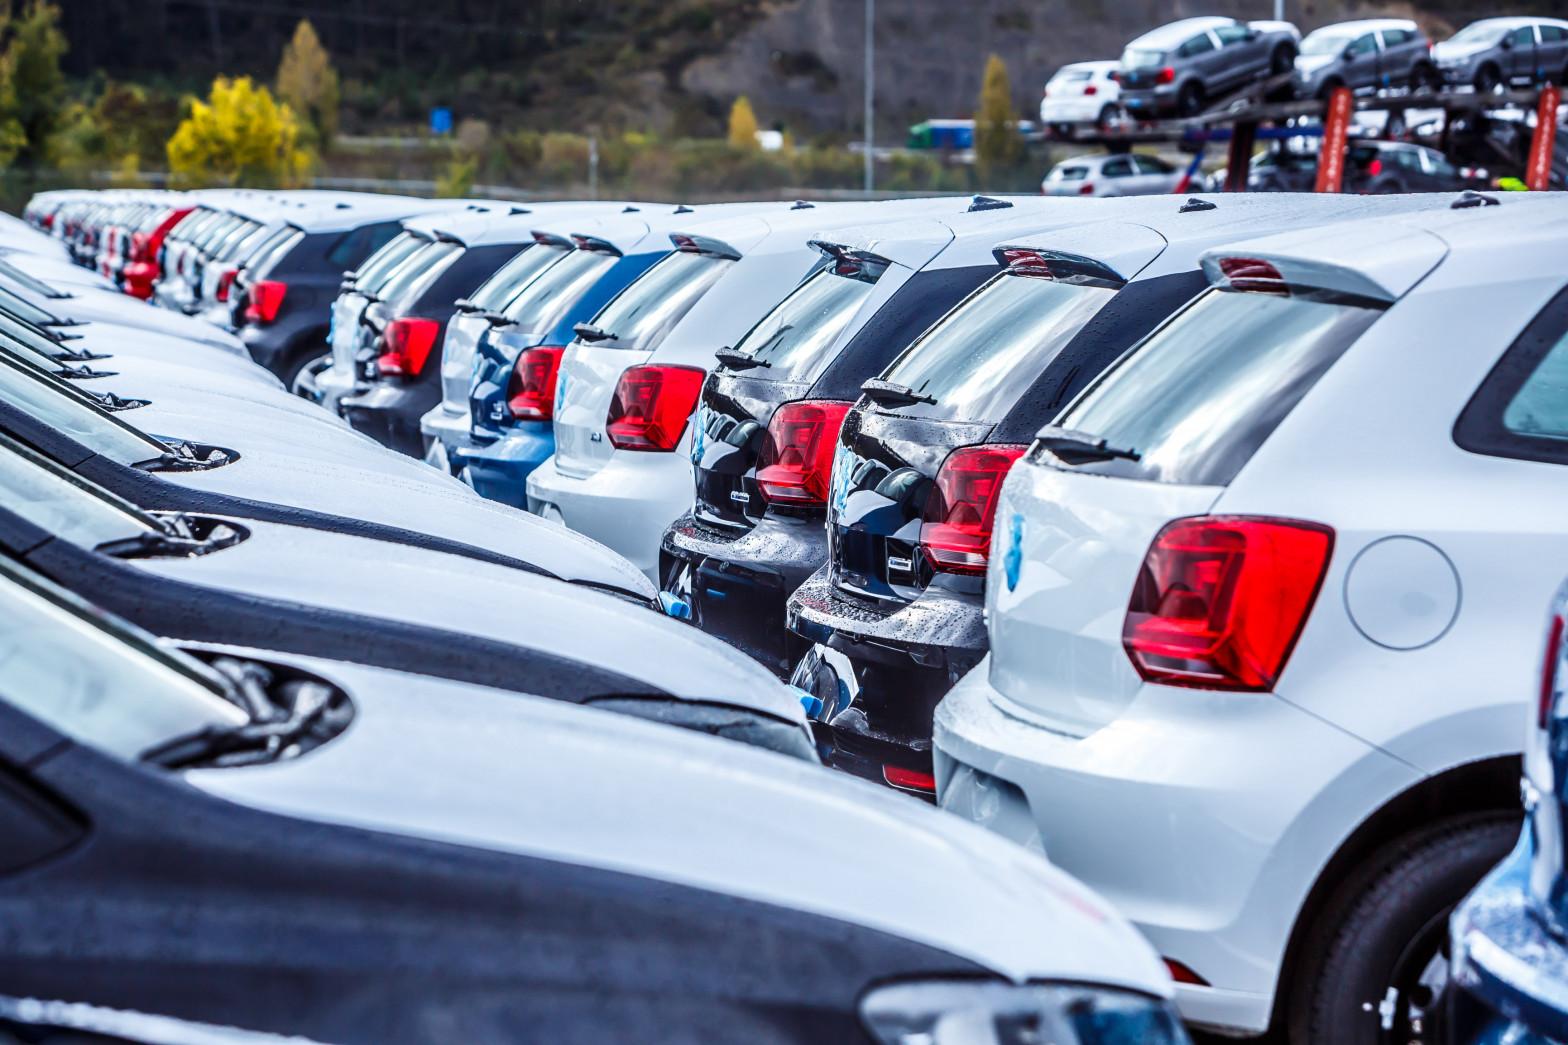 El Estado recauda al año más de mil euros por automóvil en impuestos